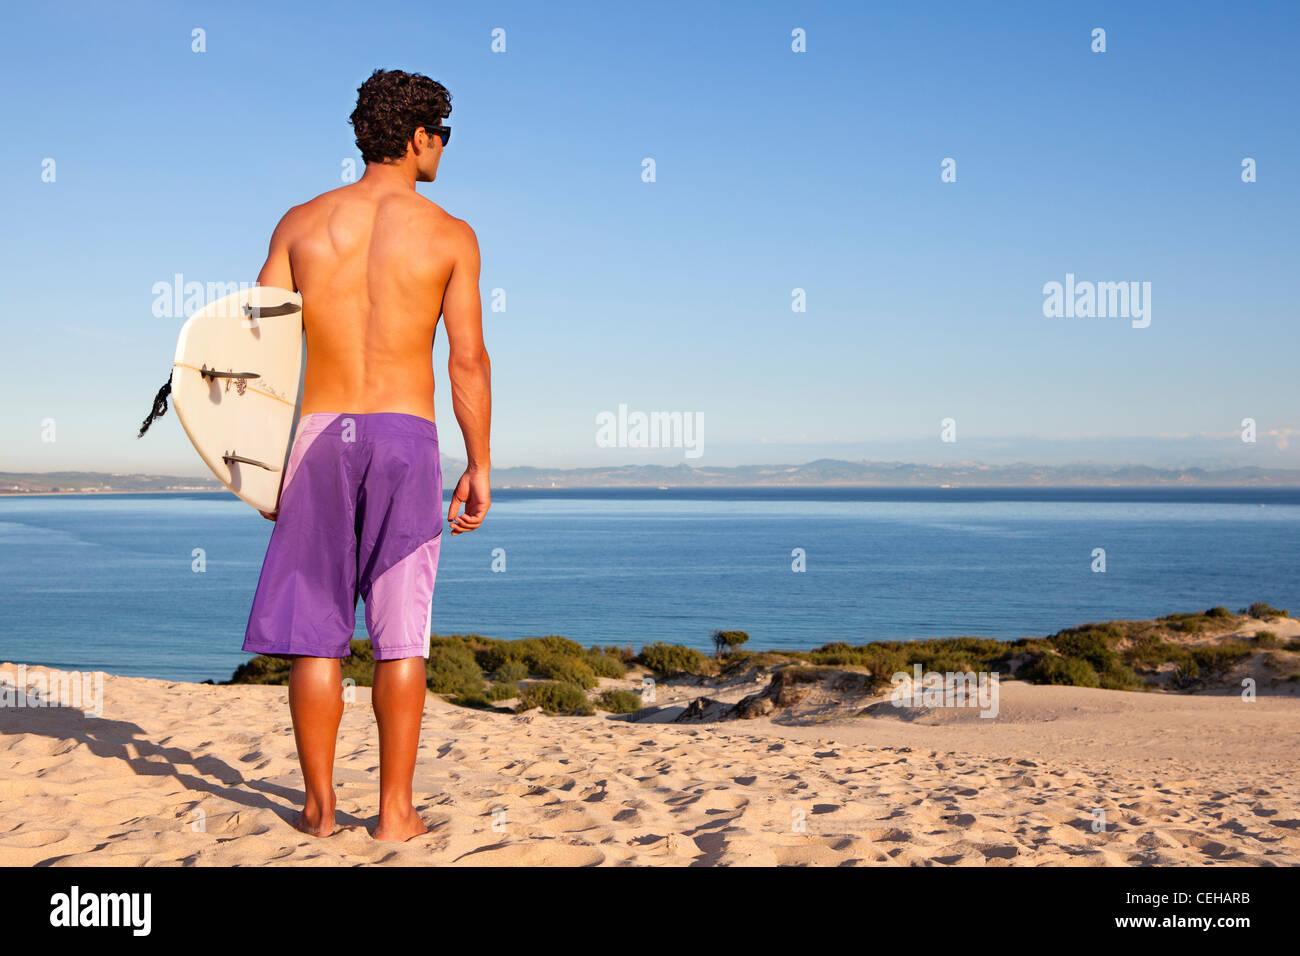 Surfer, Blick auf den Ozean Stockbild